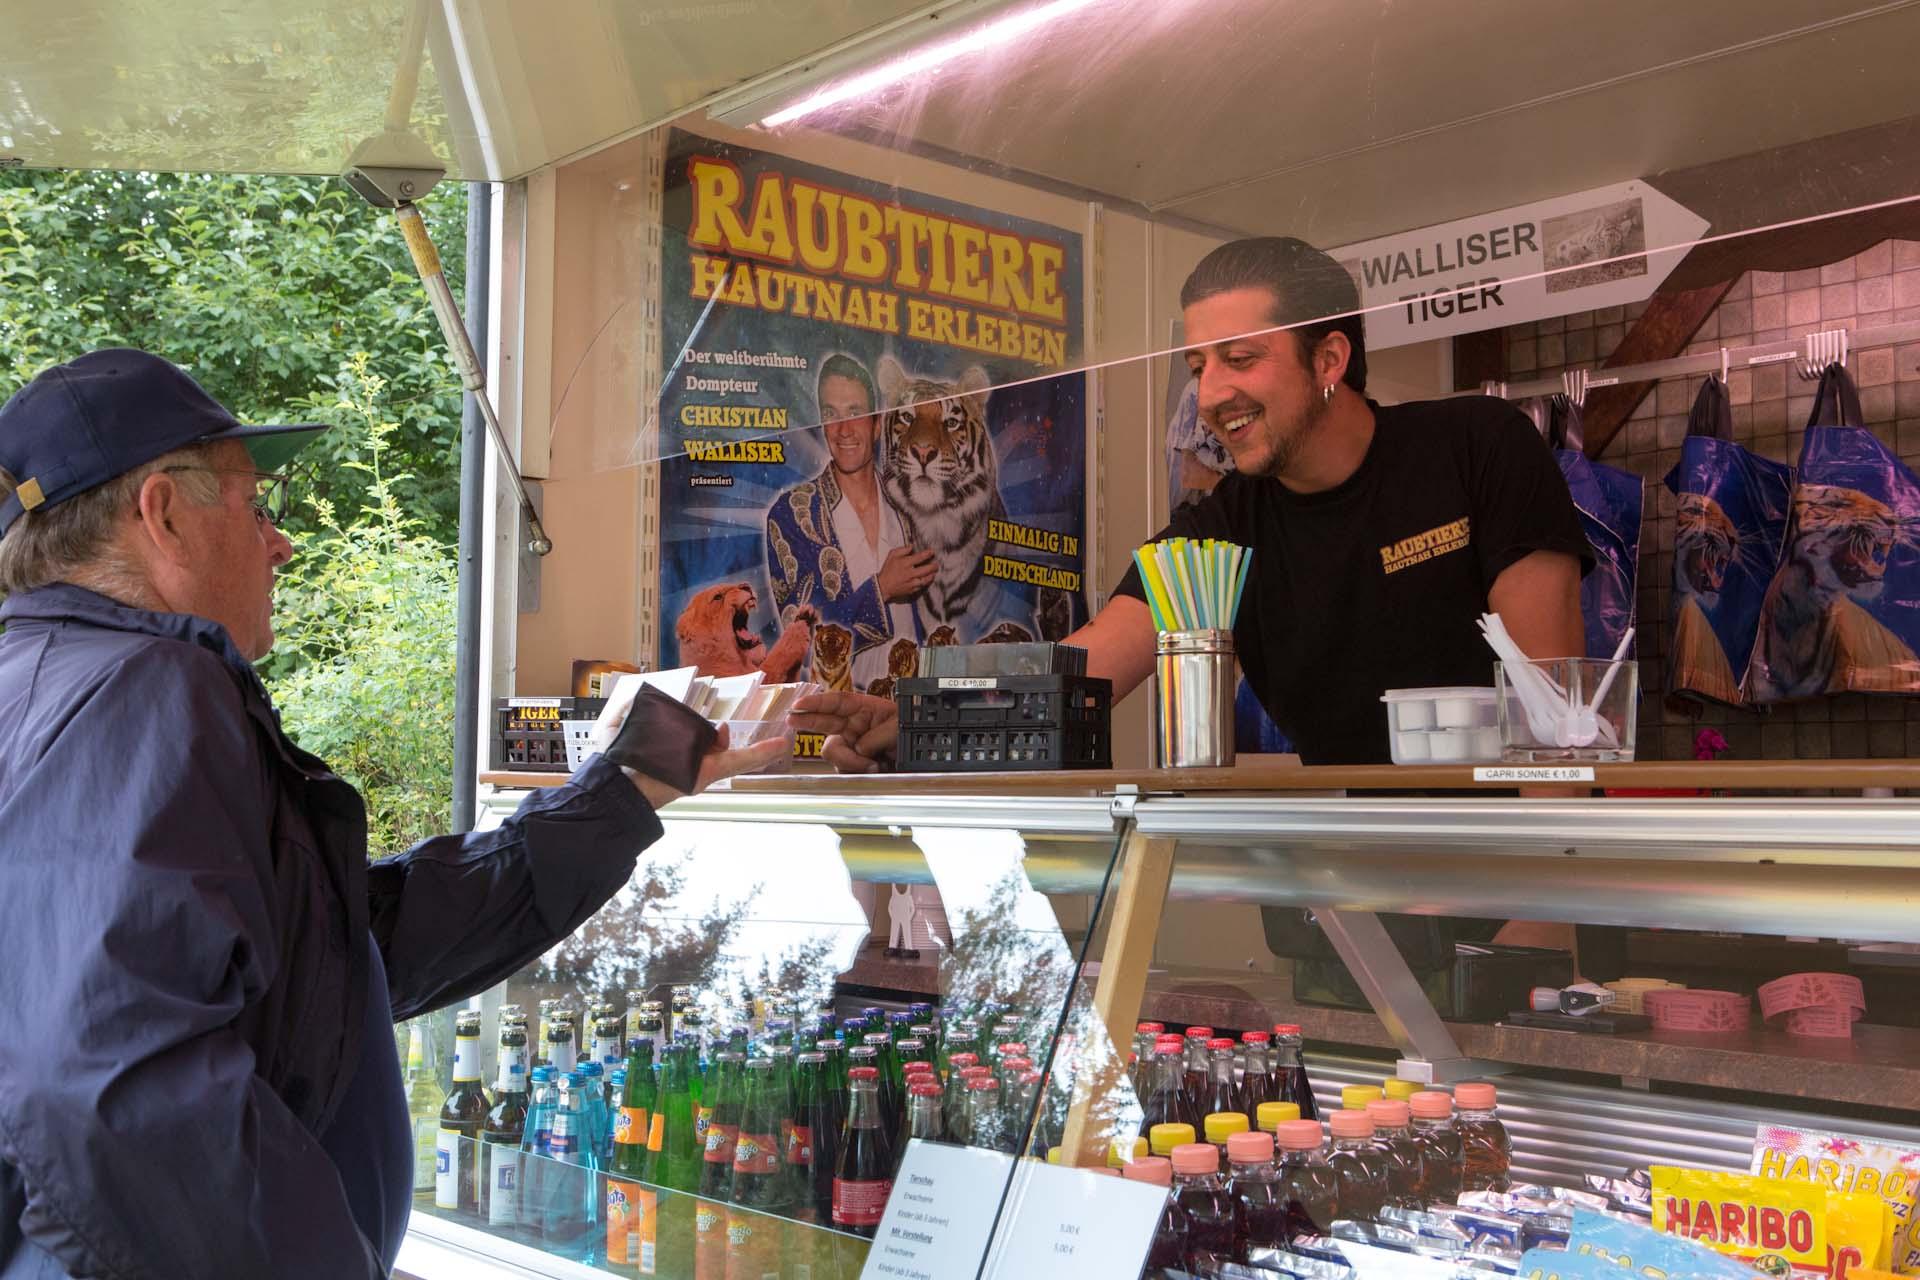 In Wallisers Raubtierhof auf dem alten Sägewerksgelände von Löffingen, Baden-Württemberg. Jan Walliser, der Moderator im Verkaufswagen des Raubtierhofes.